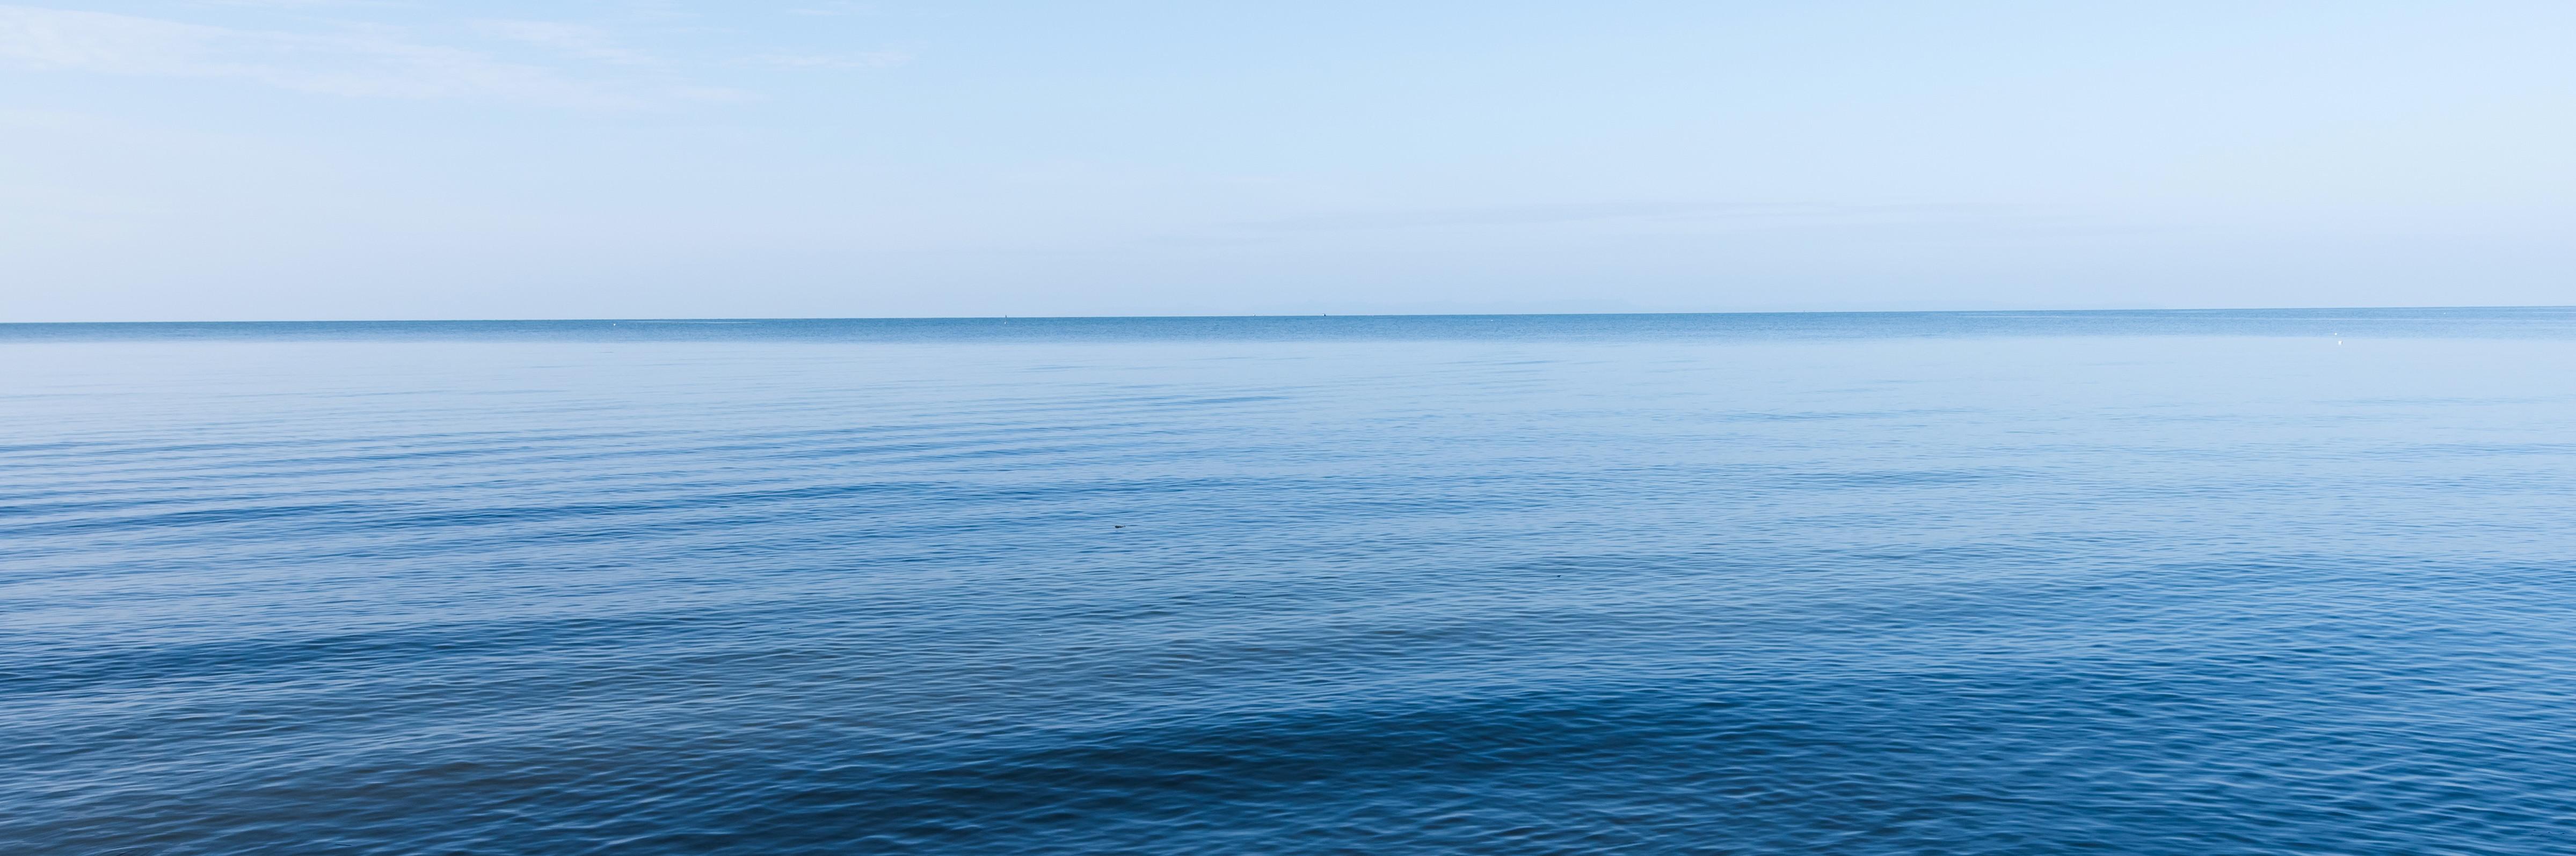 Weiter Blick auf Wasser